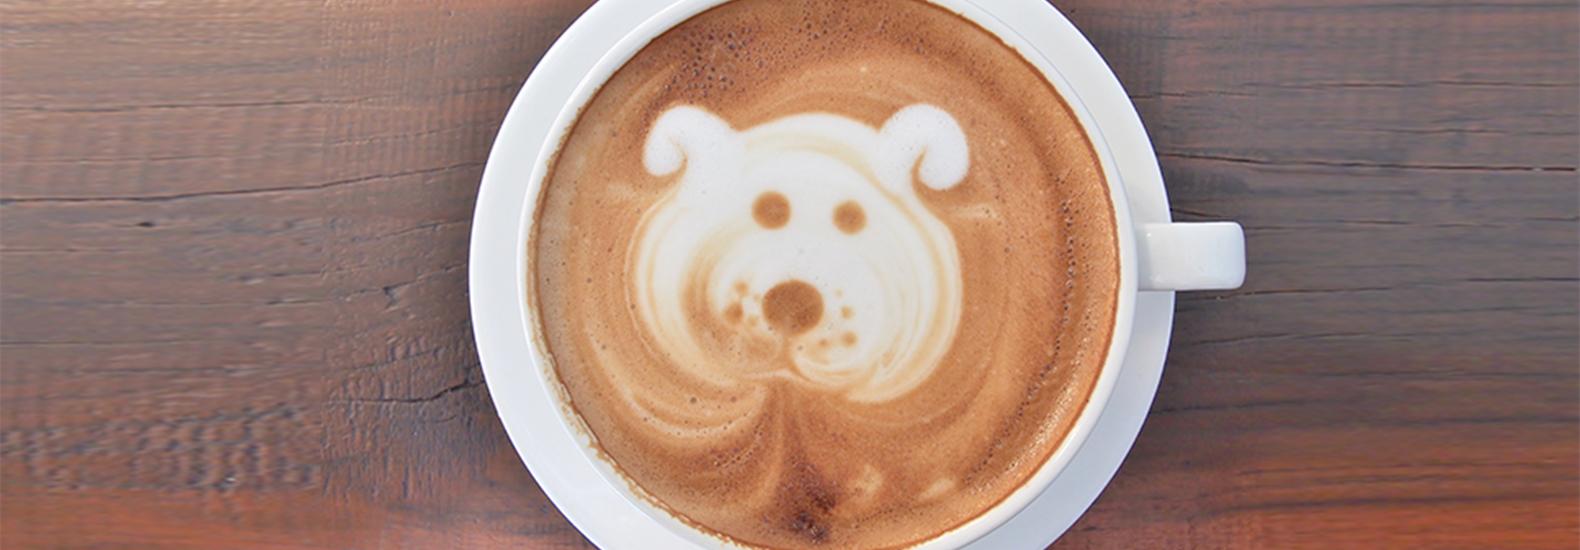 Cafés, perros y gatos